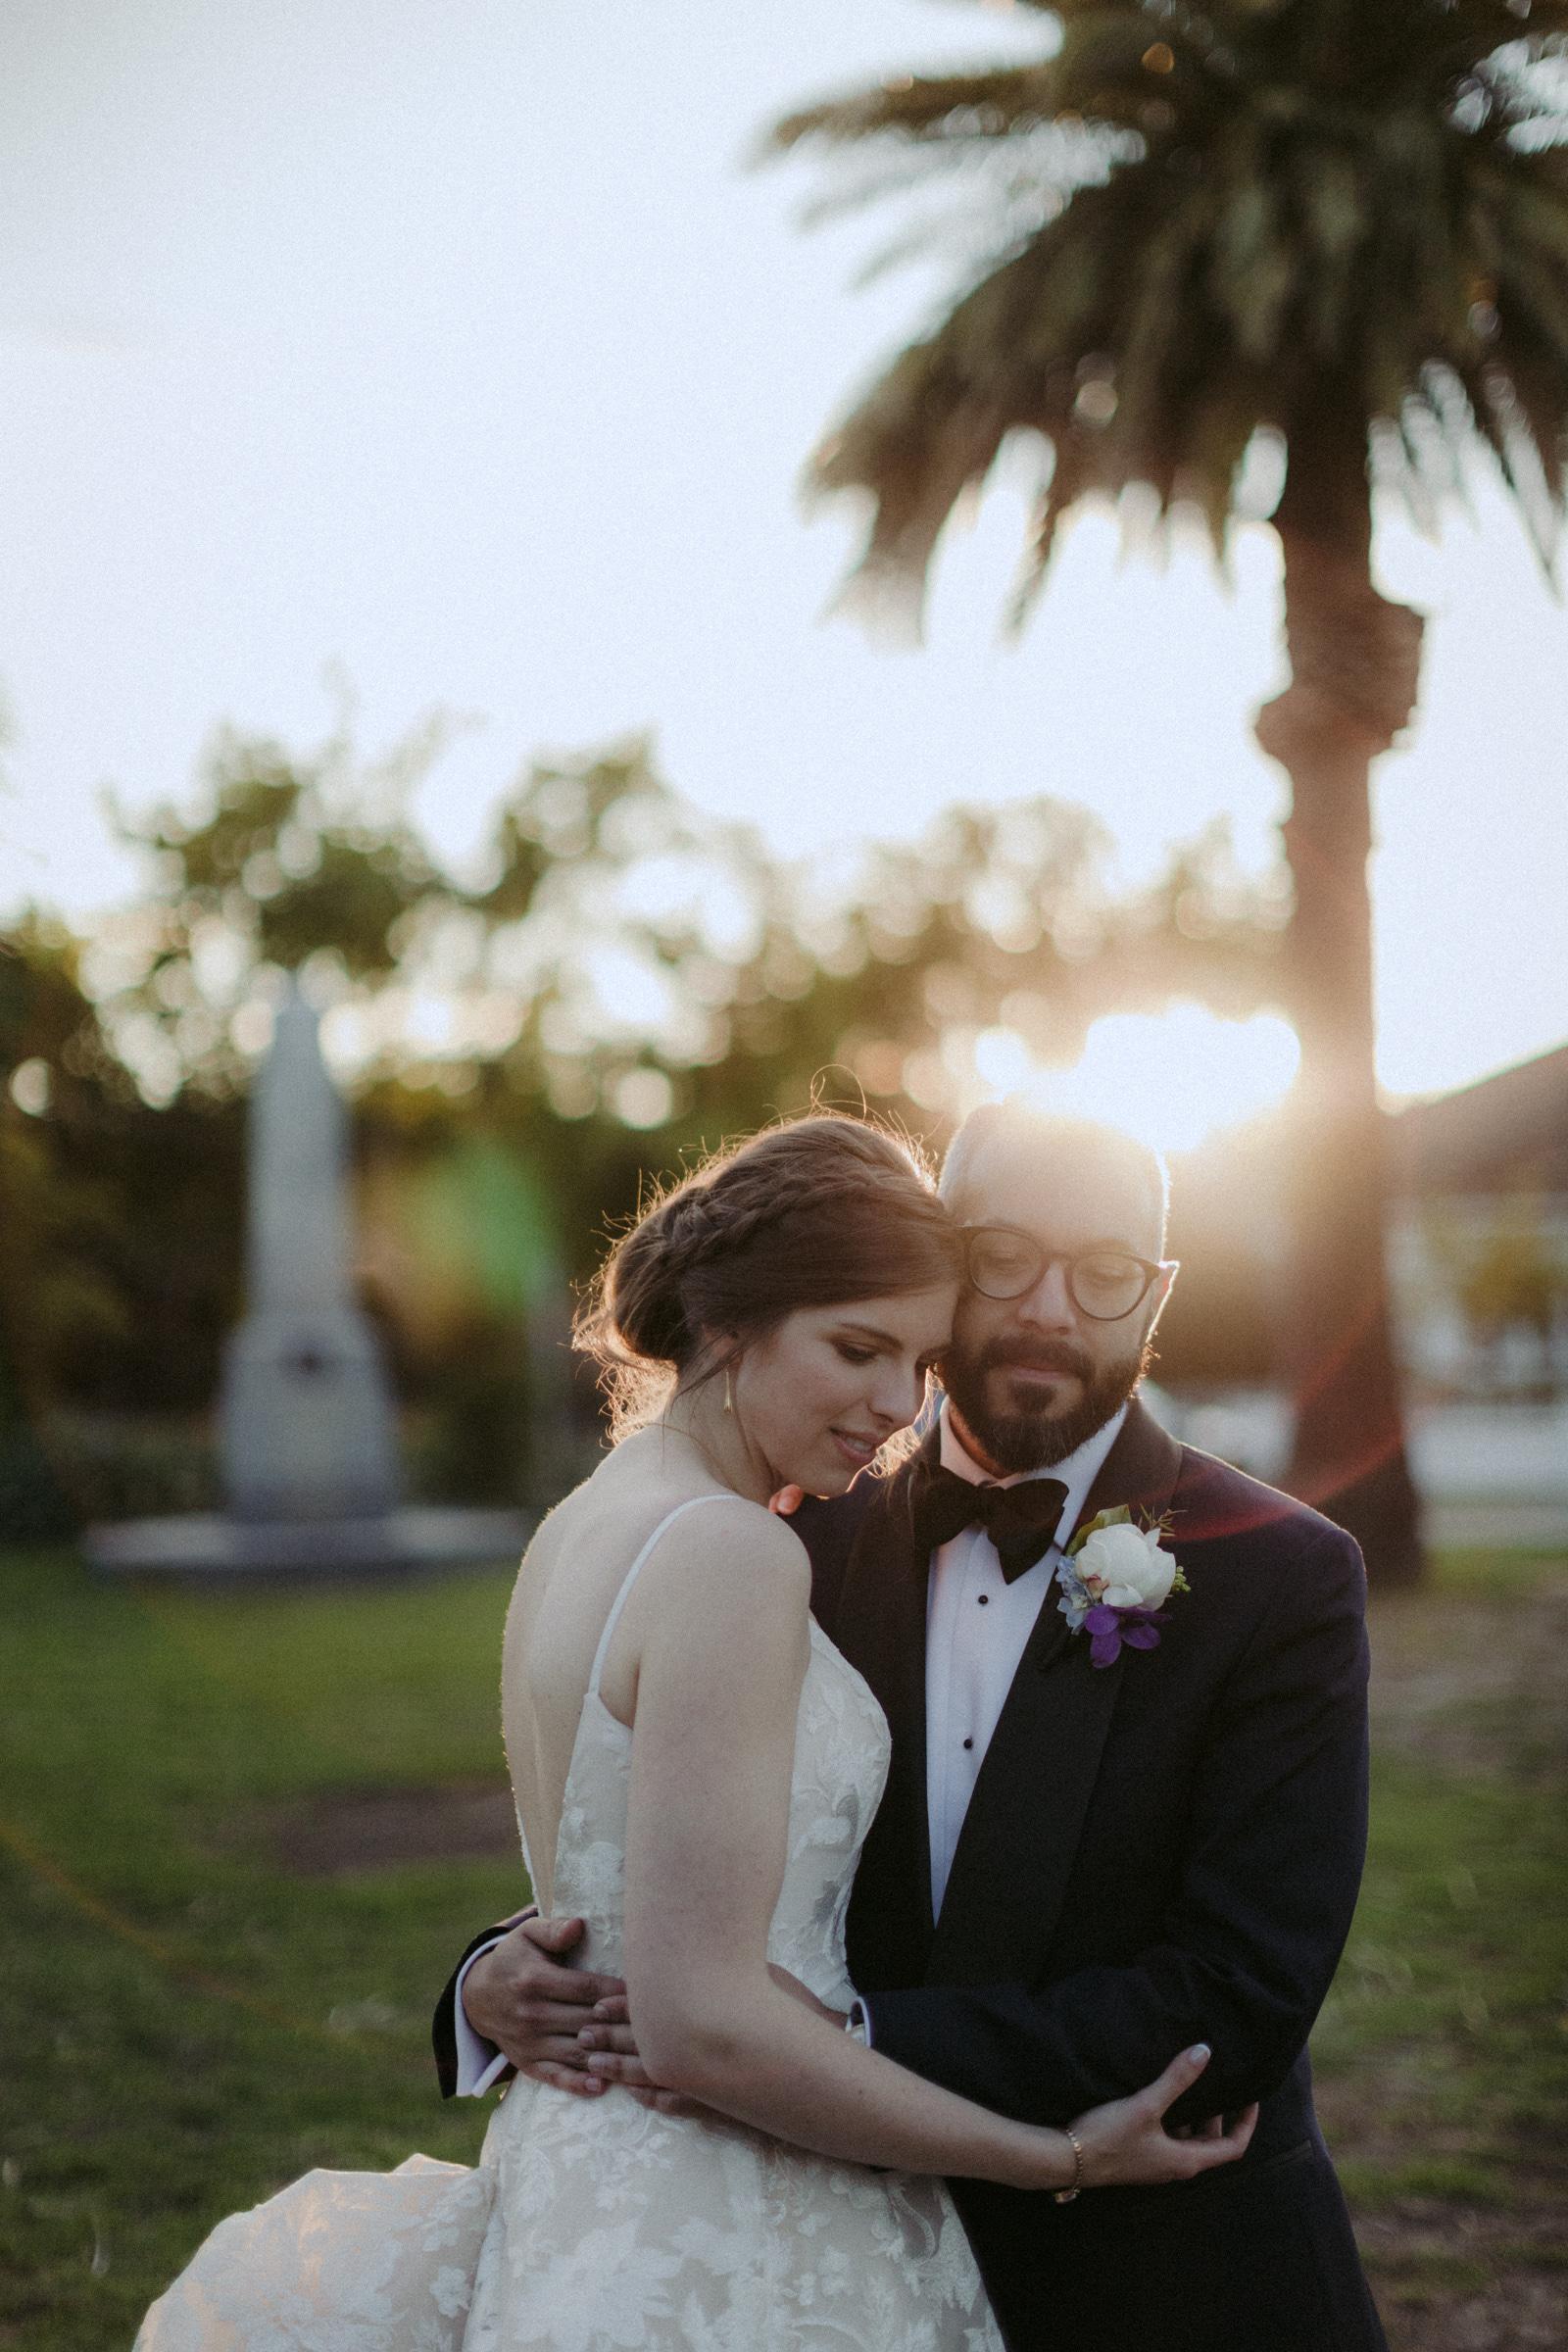 Nick & Lucinda Photo: @thenookweddings